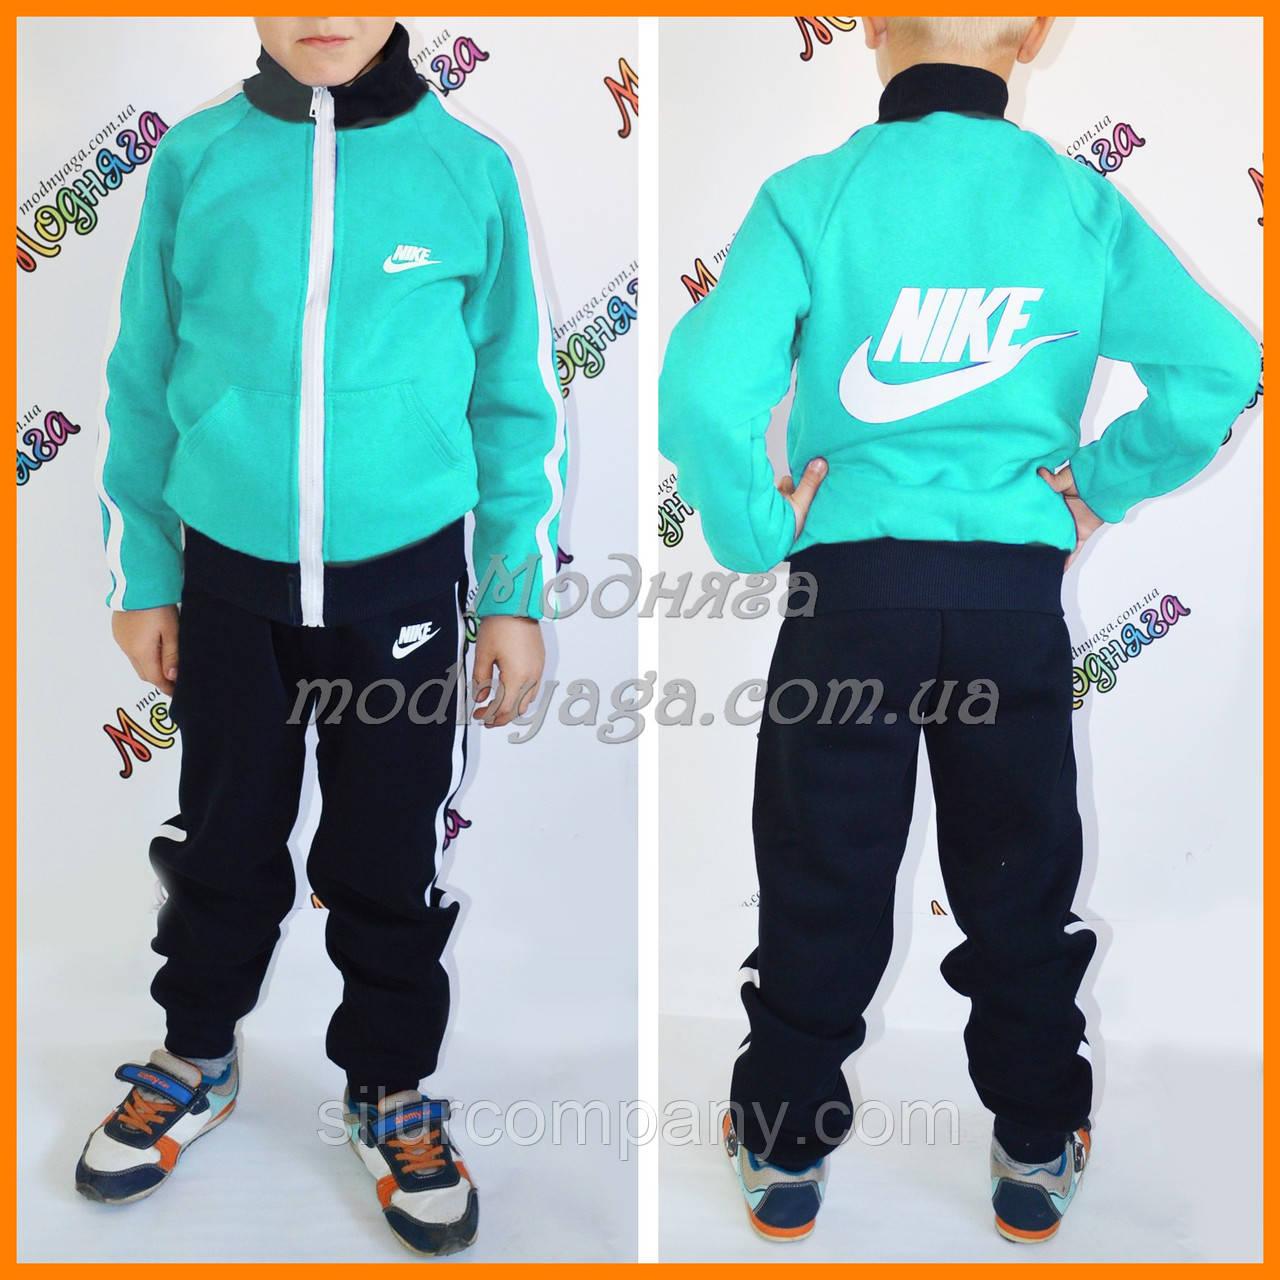 Костюмы Nike детям | интернет магазин детских костюмов ... - photo#24